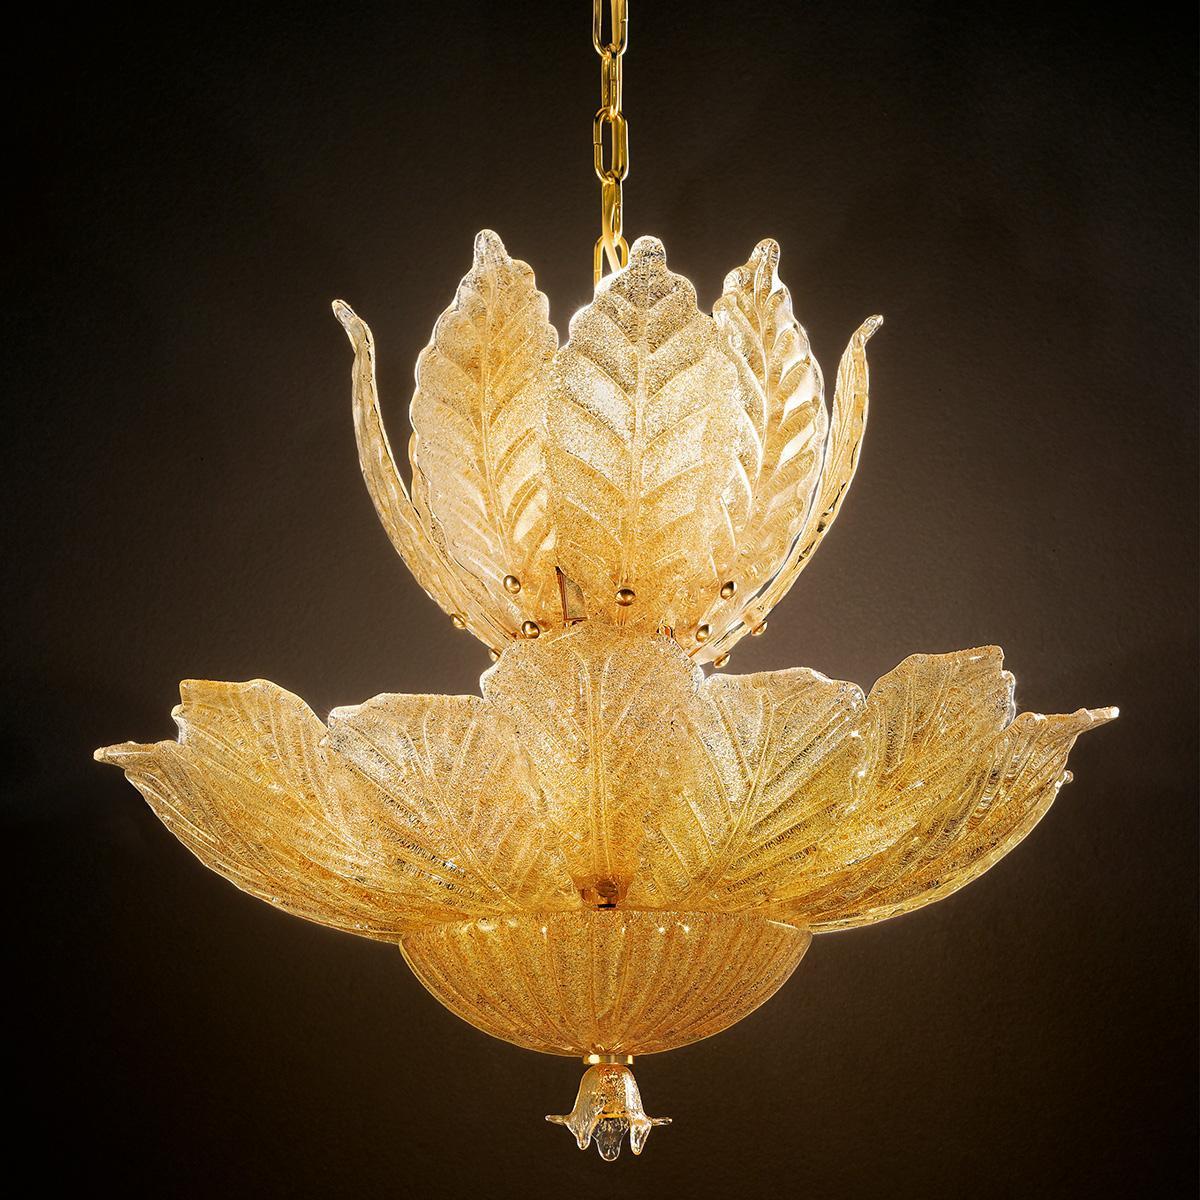 cristal lamparas de murano de colgantes cqRS54Lj3A